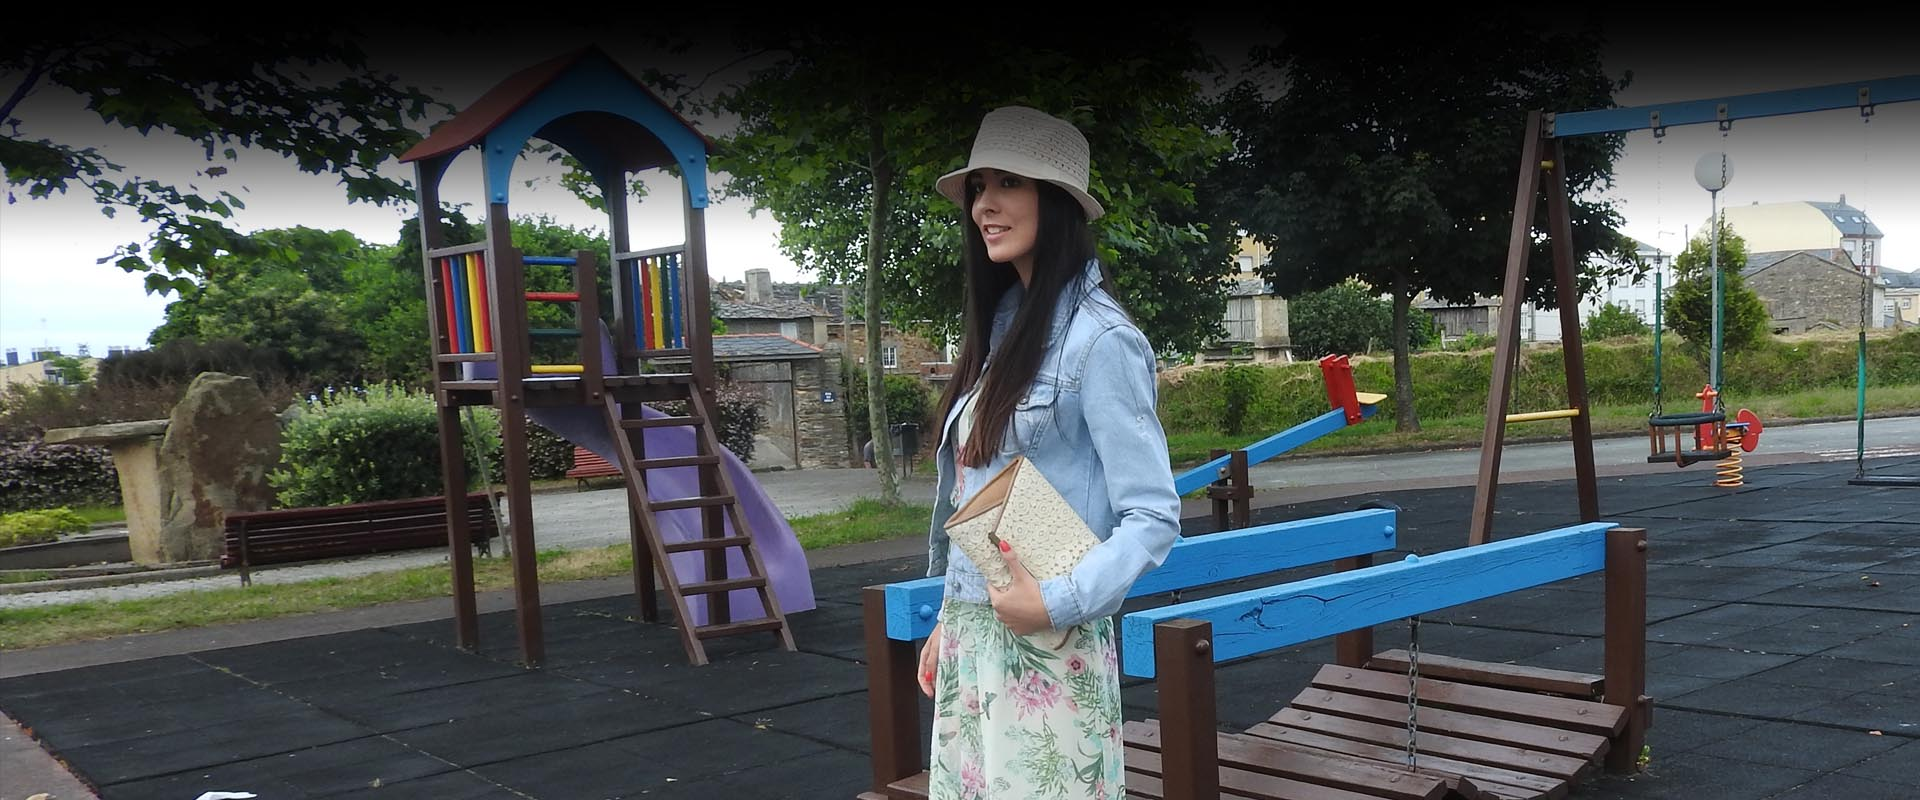 vestido-flores-portada1